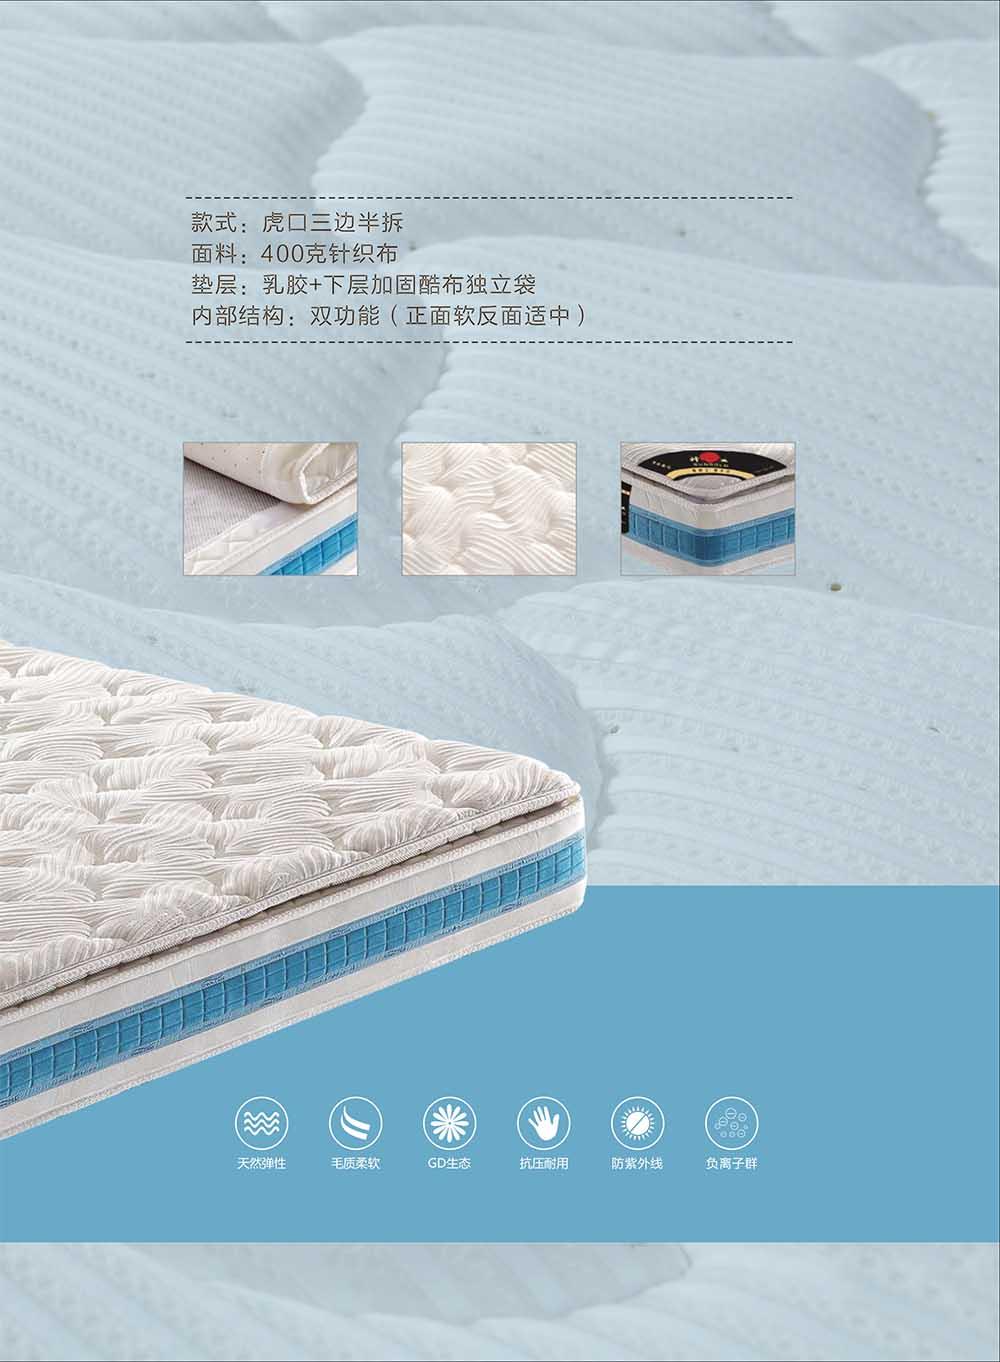 昆明神工梦之蓝床垫